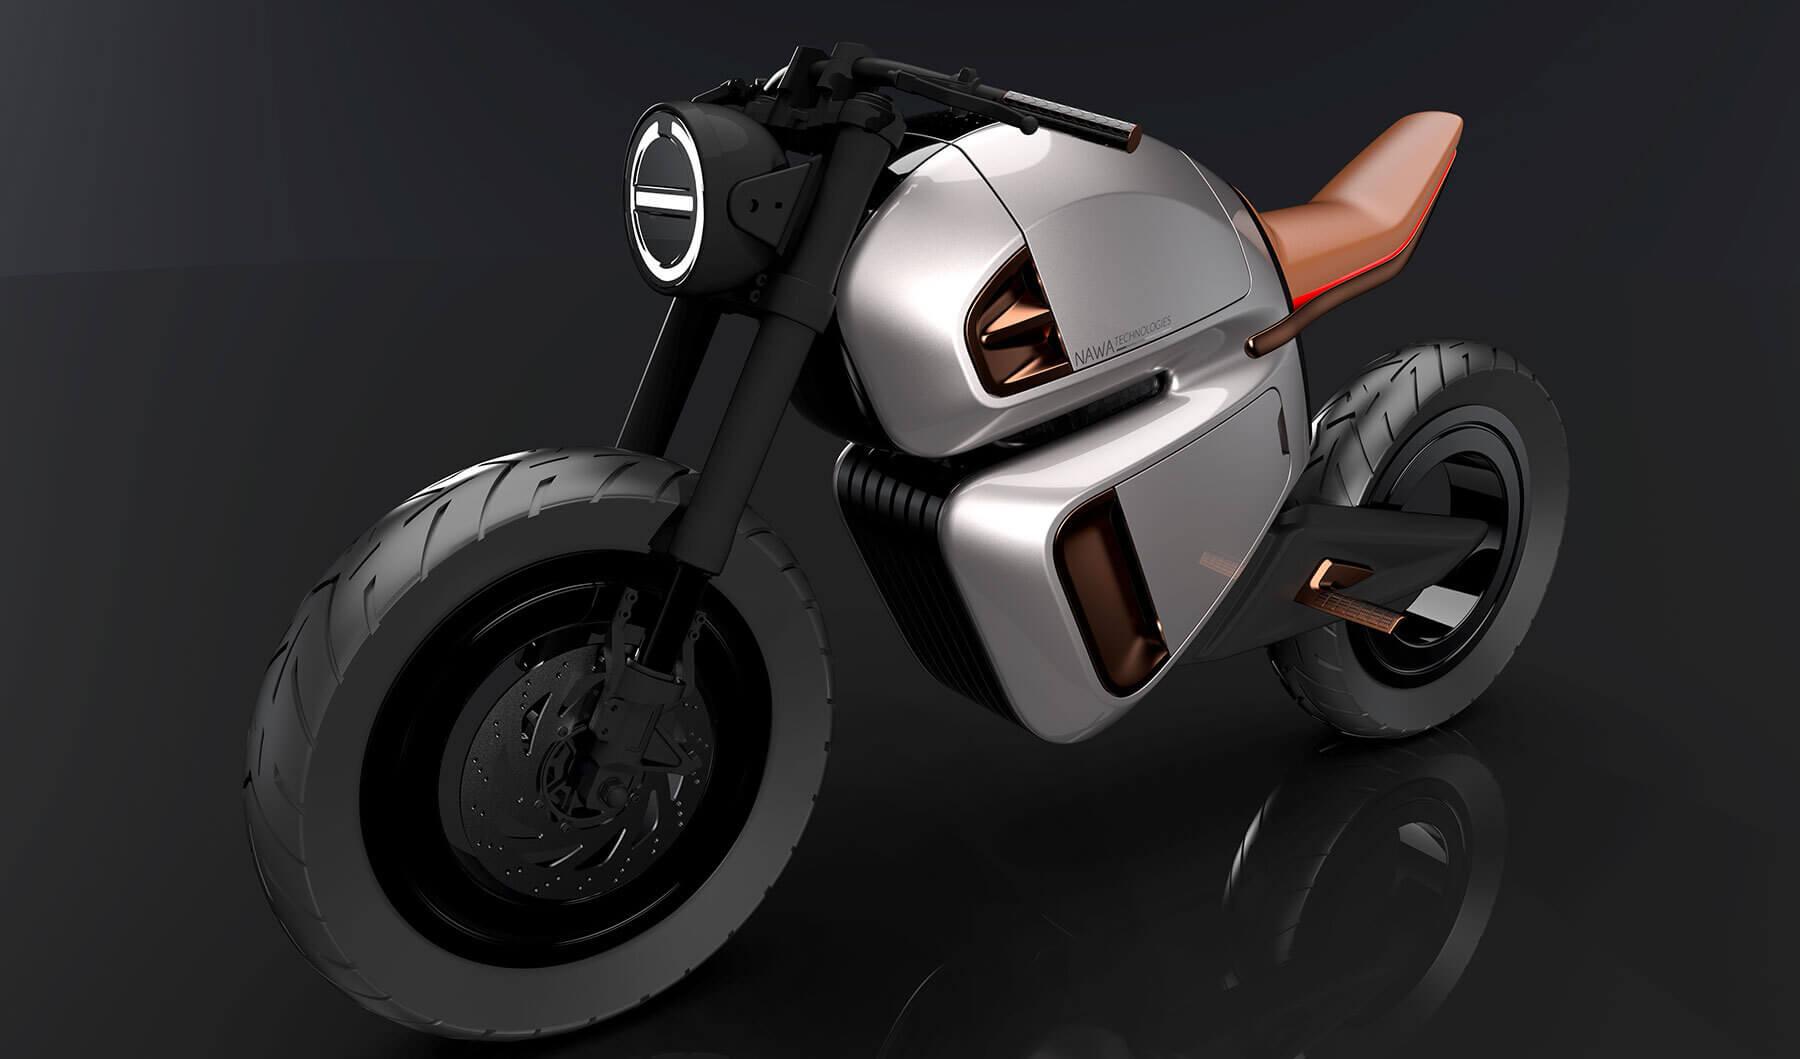 Электрический мотоцикл Nawa Racer использует ультраконденсатор и обычный литий-ионный аккумулятор